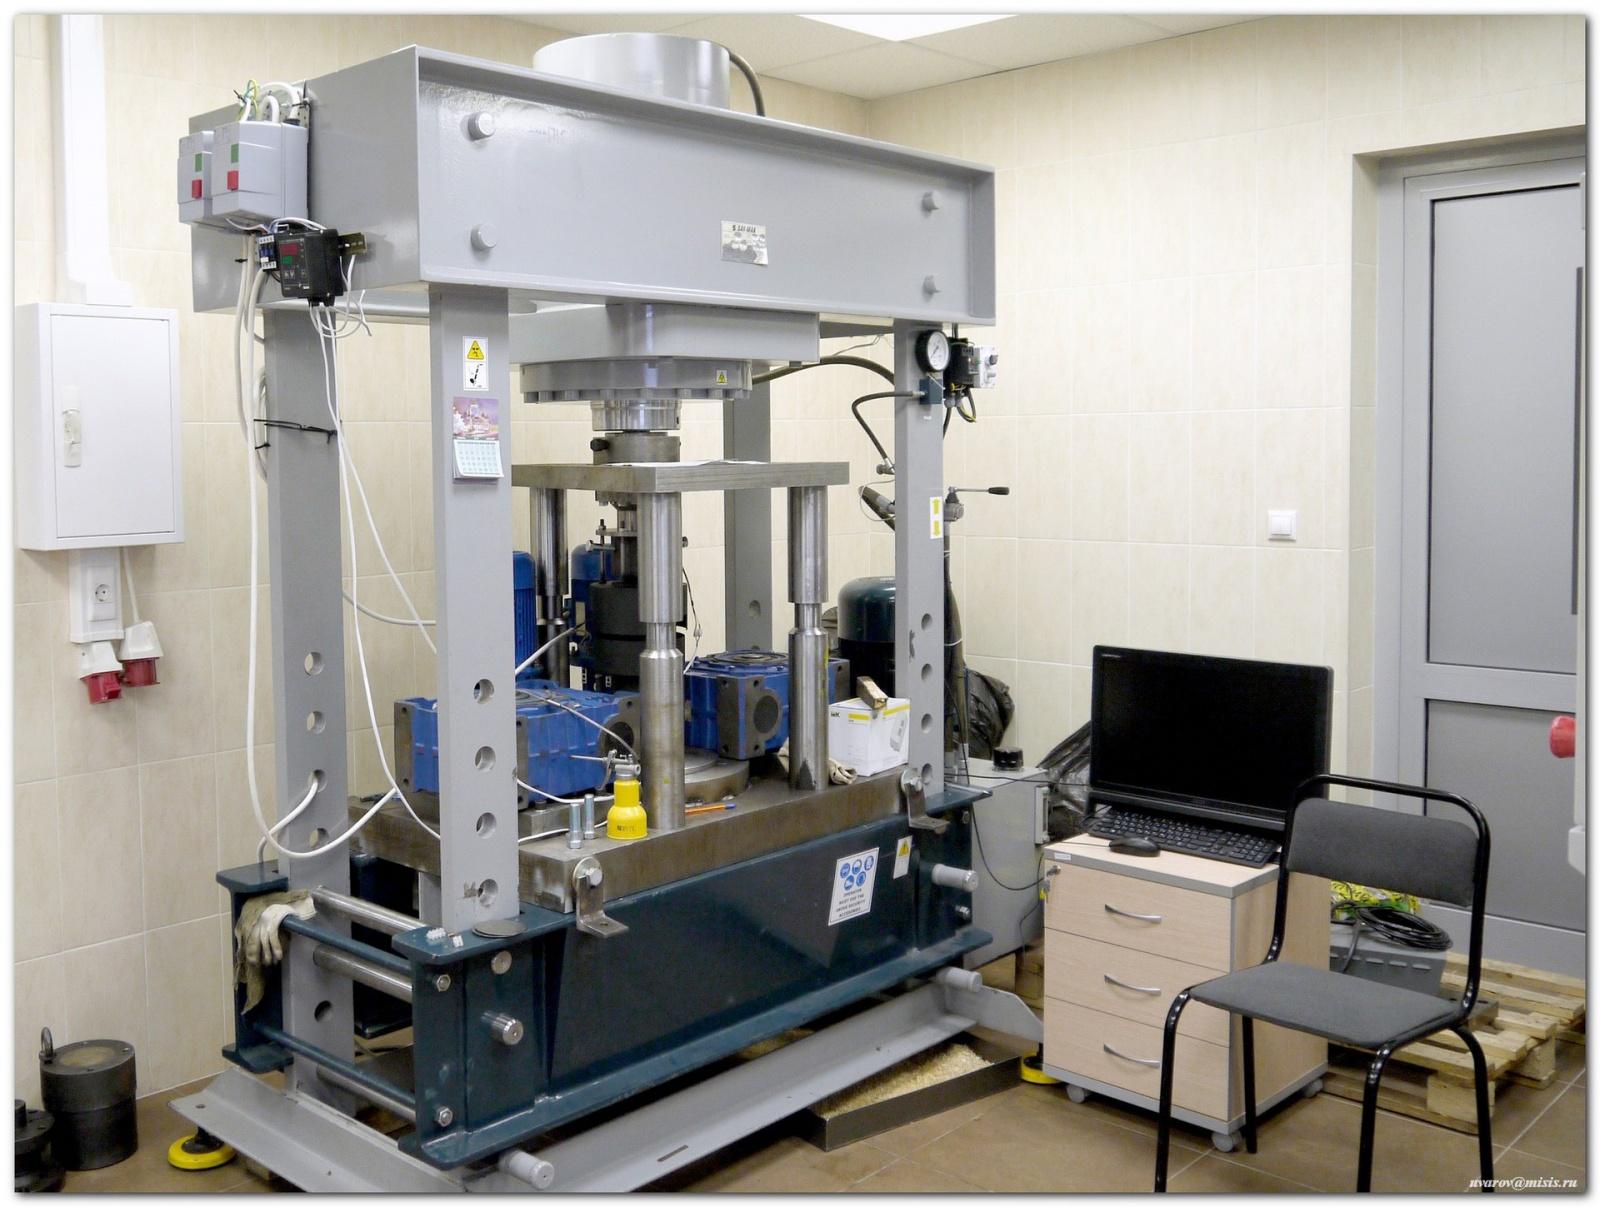 Лаборатории НИТУ «МИСиС»: от разделения наночастиц магнетита до создания квантового компьютера - 16